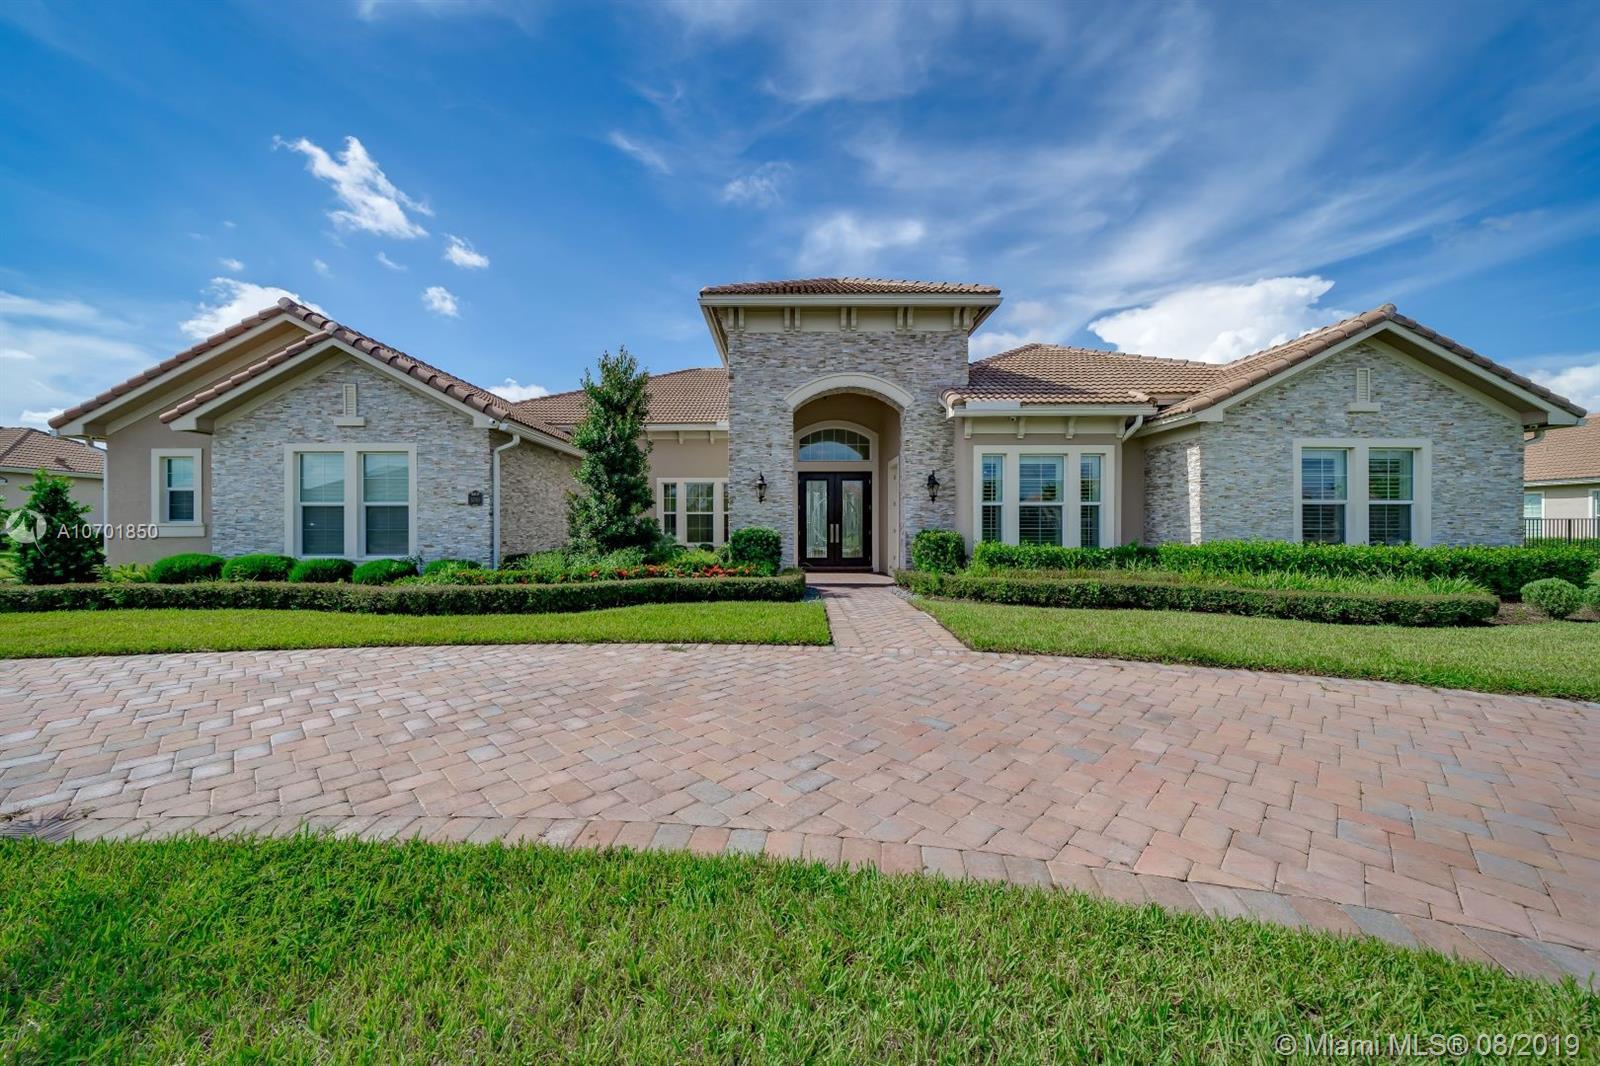 5700 N Sterling Ranch Dr, Davie, FL 33314